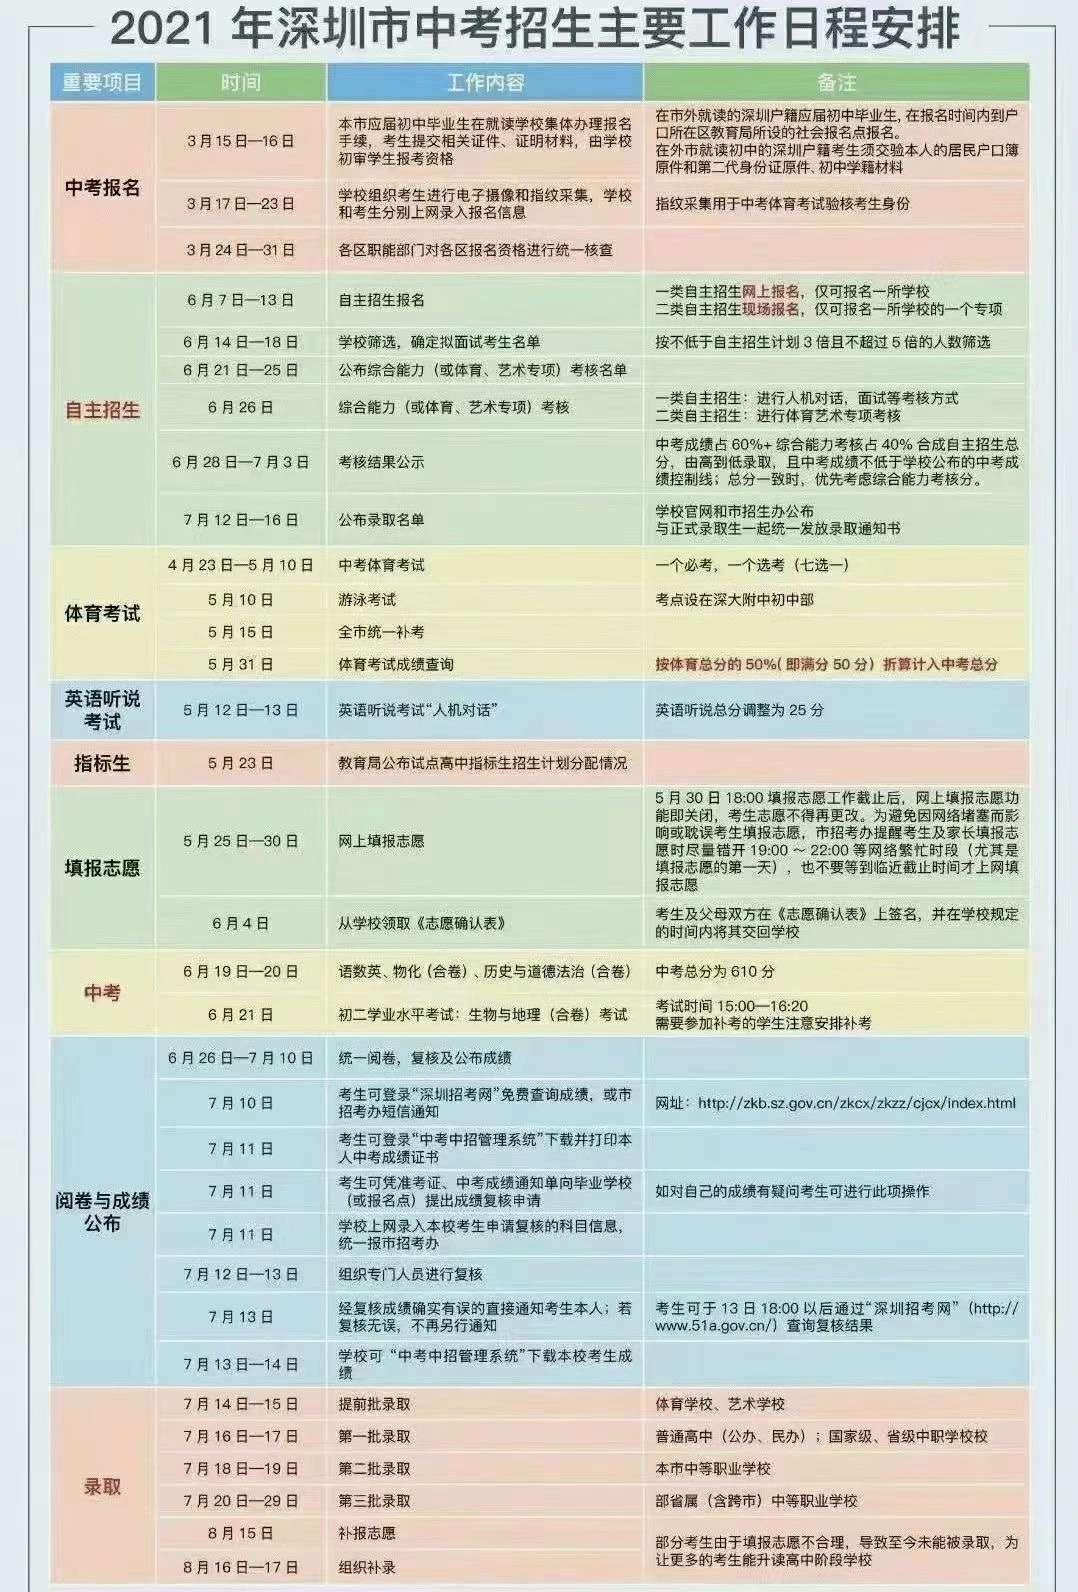 2021年深圳中考日程安排表